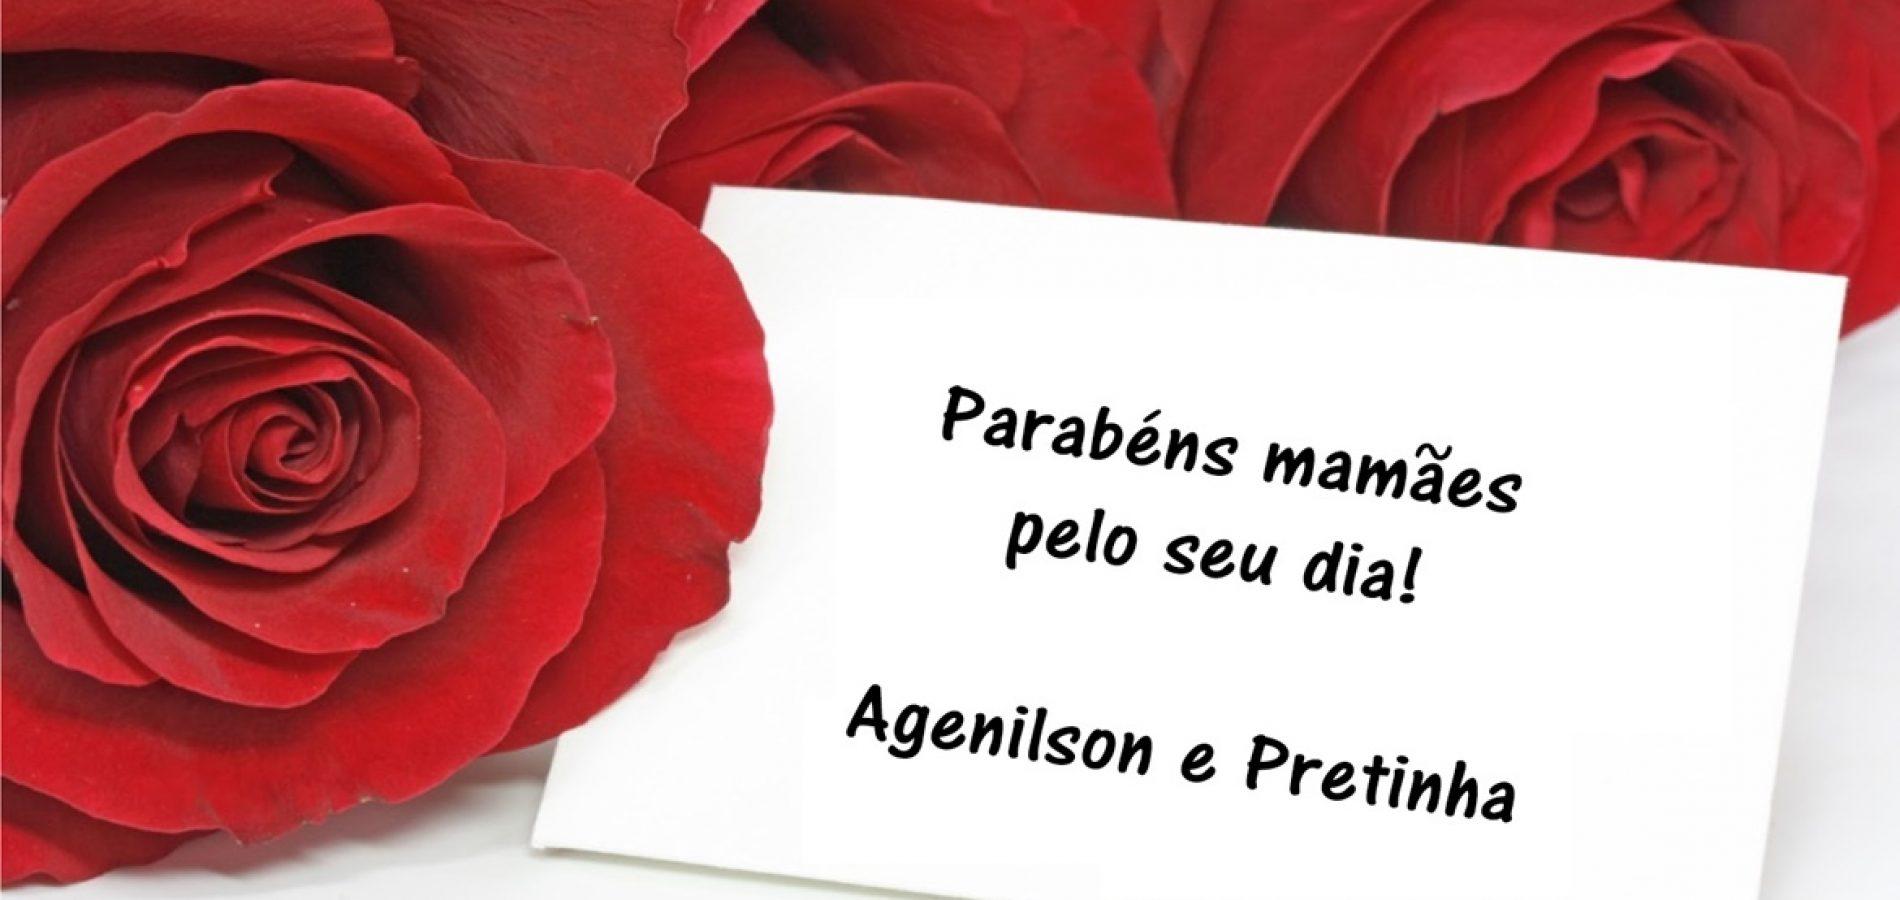 Prefeito de Patos do Piauí divulga mensagem em homenagem às mães